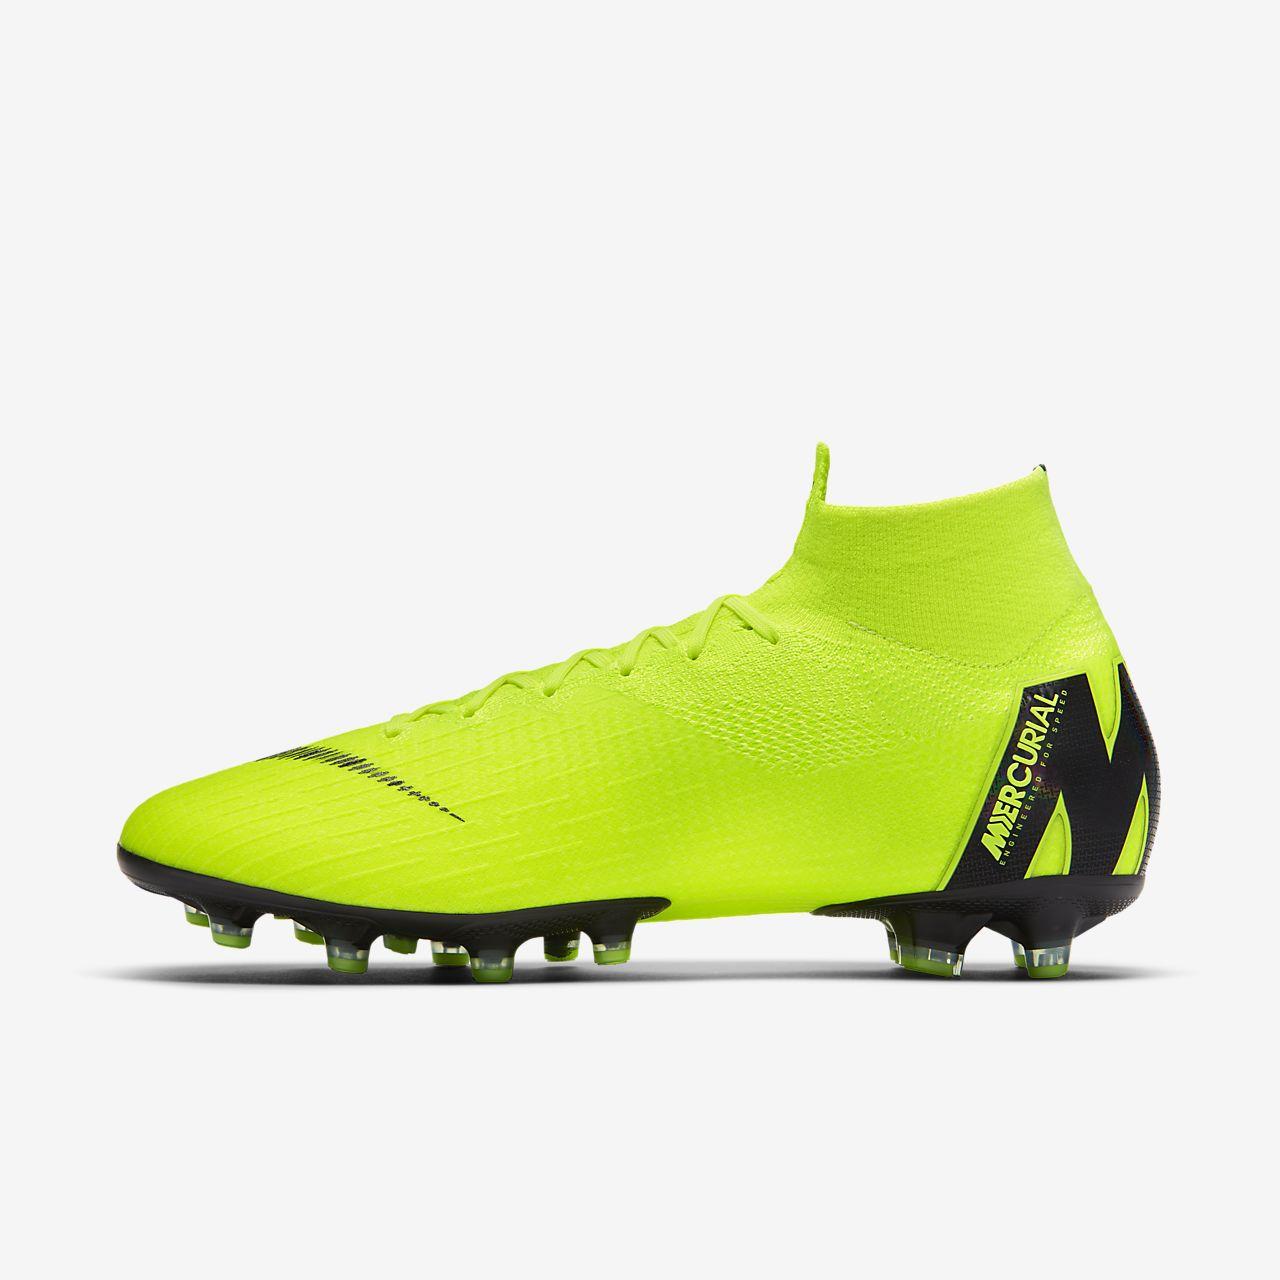 Nike Mercurial Superfly 360 Elite AG-PRO műgyepre készült stoplis  futballcipő 5c5b011a9e